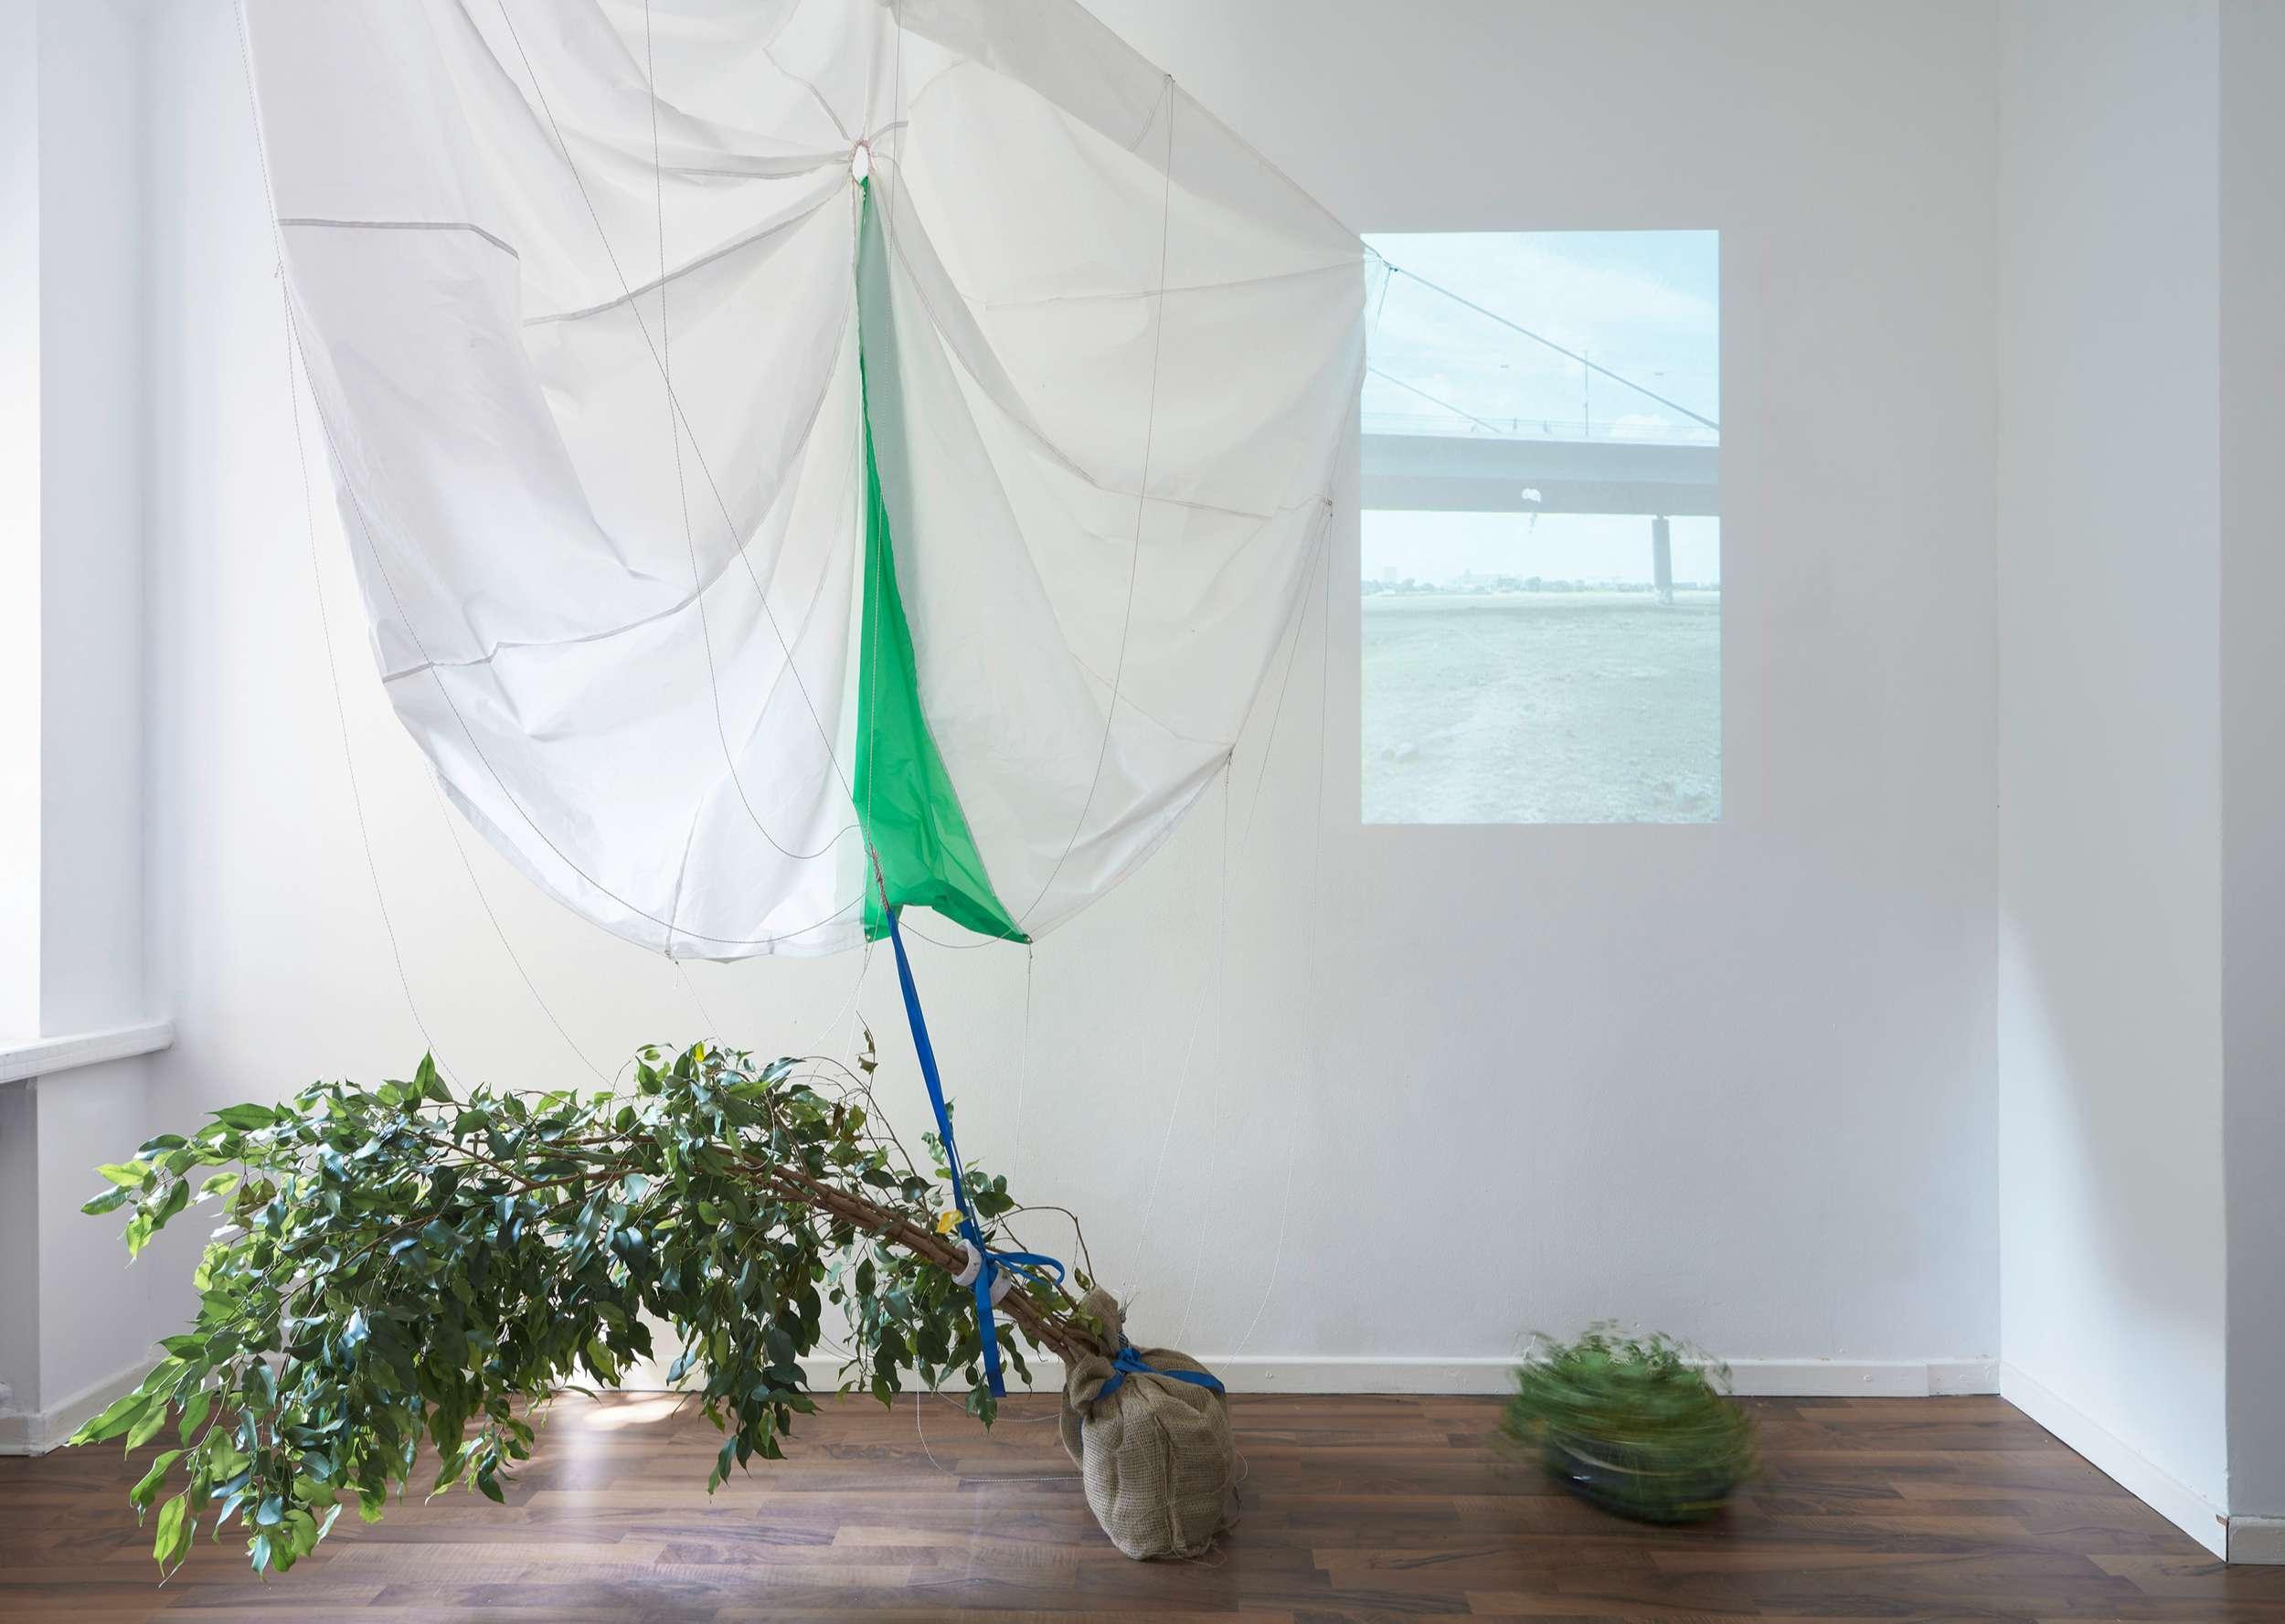 """Jukai-Ryokō, """"experiment with a ficus benjamini and a parachute"""", installation view, 2020, photo: Kai Werner Schmidt"""